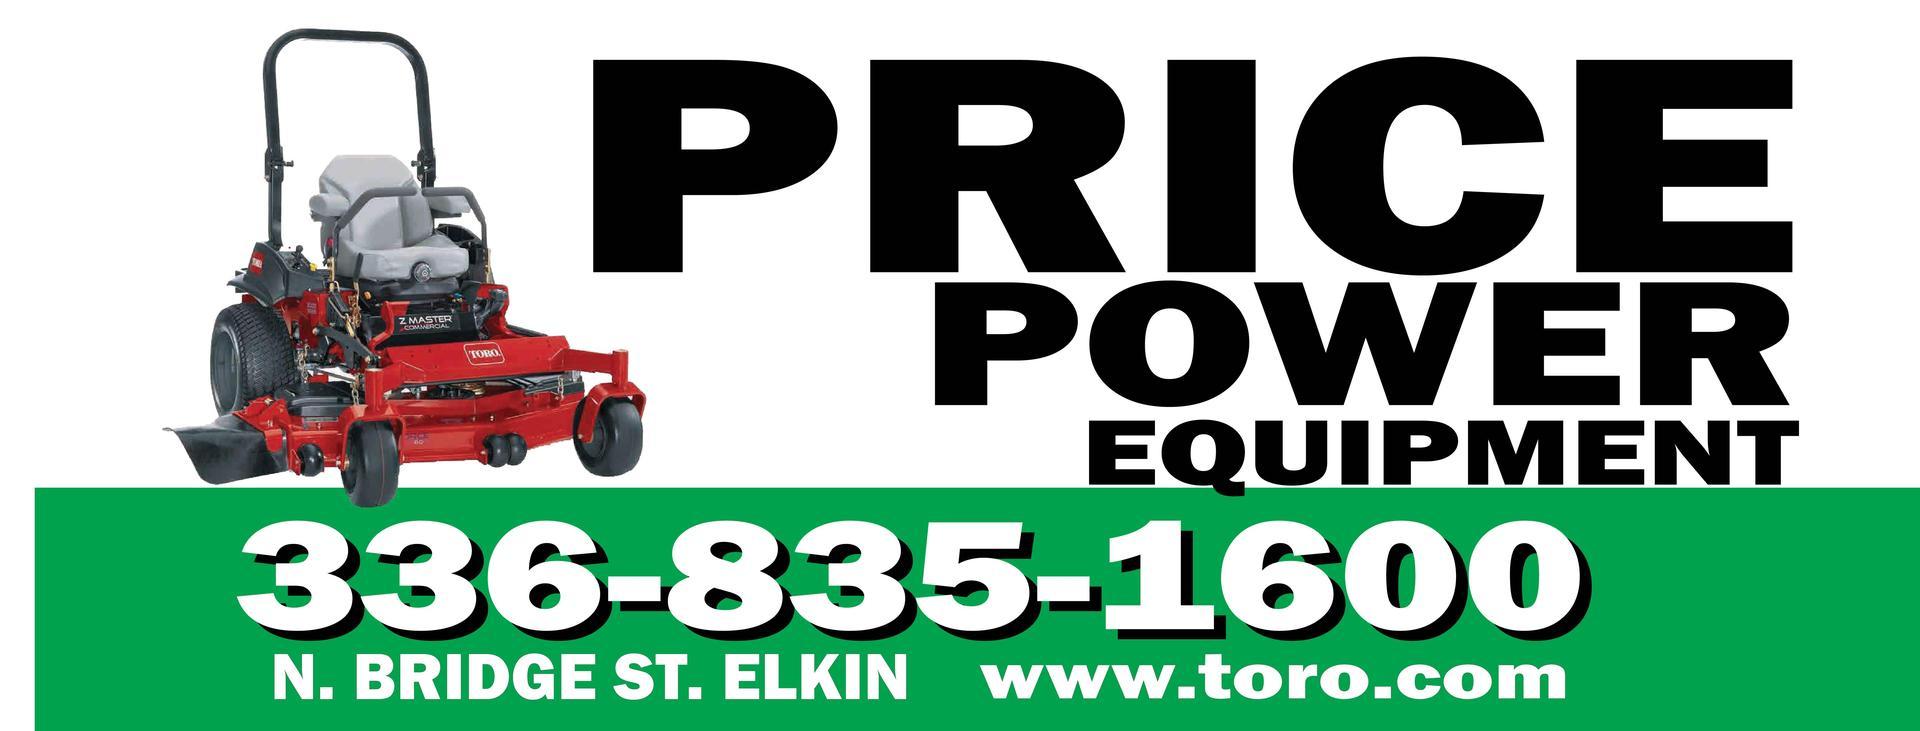 Price Power Equipment